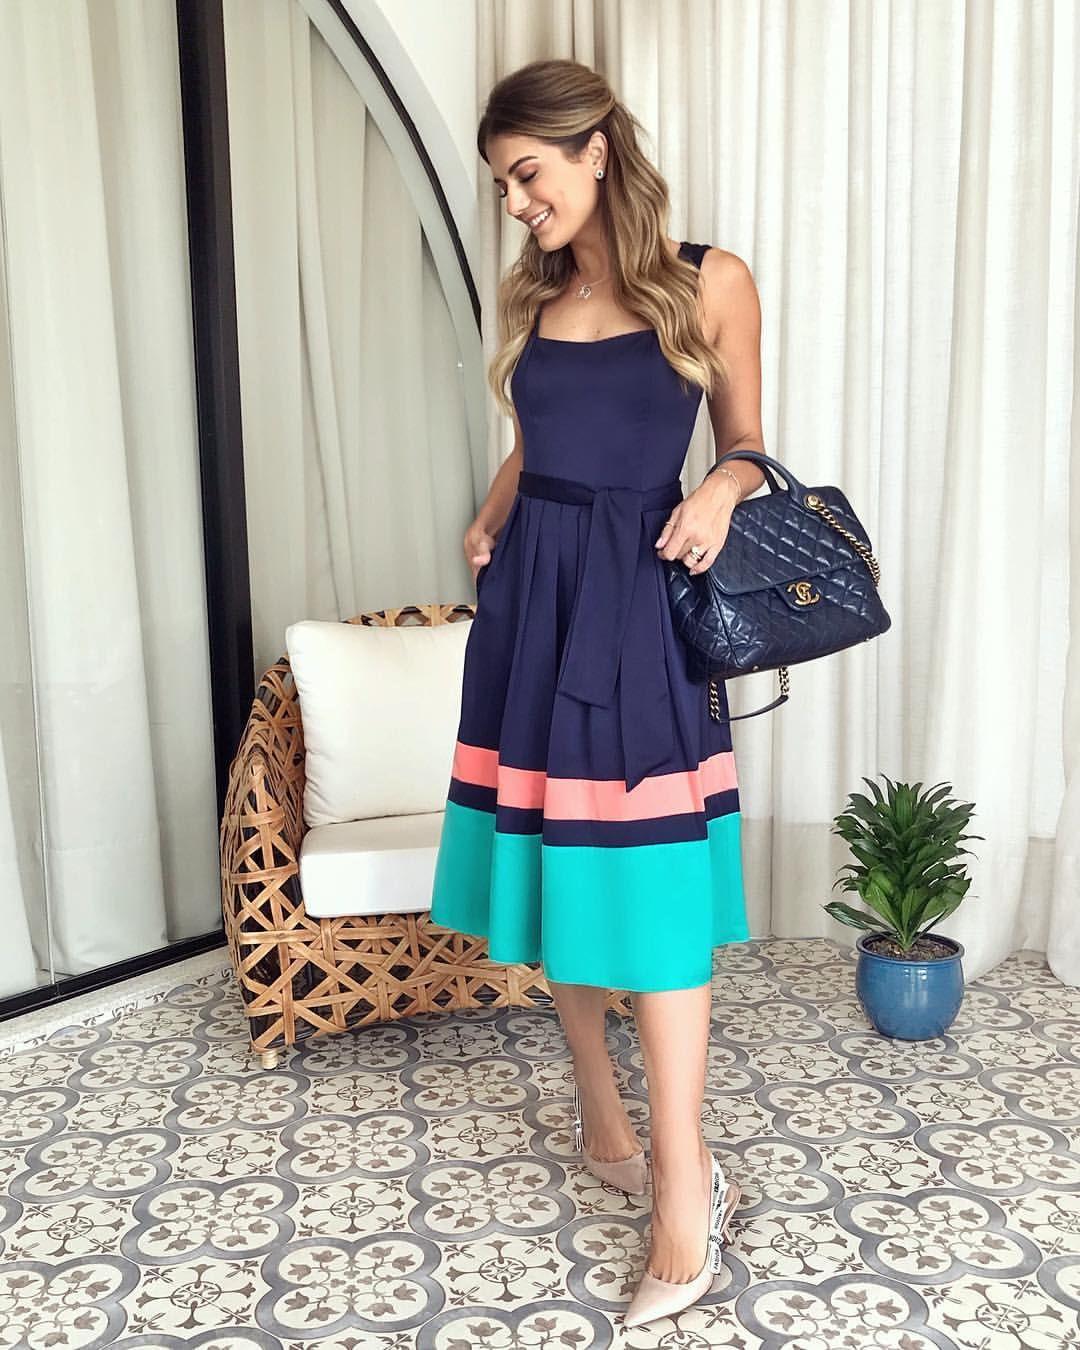 """417f29d77 Ariane Cânovas no Instagram: """"De vestido @luziafazzollioficial 💙 Midi com  cintura marca e saia com pregas que eu amo e acho uma peça certeira, ..."""